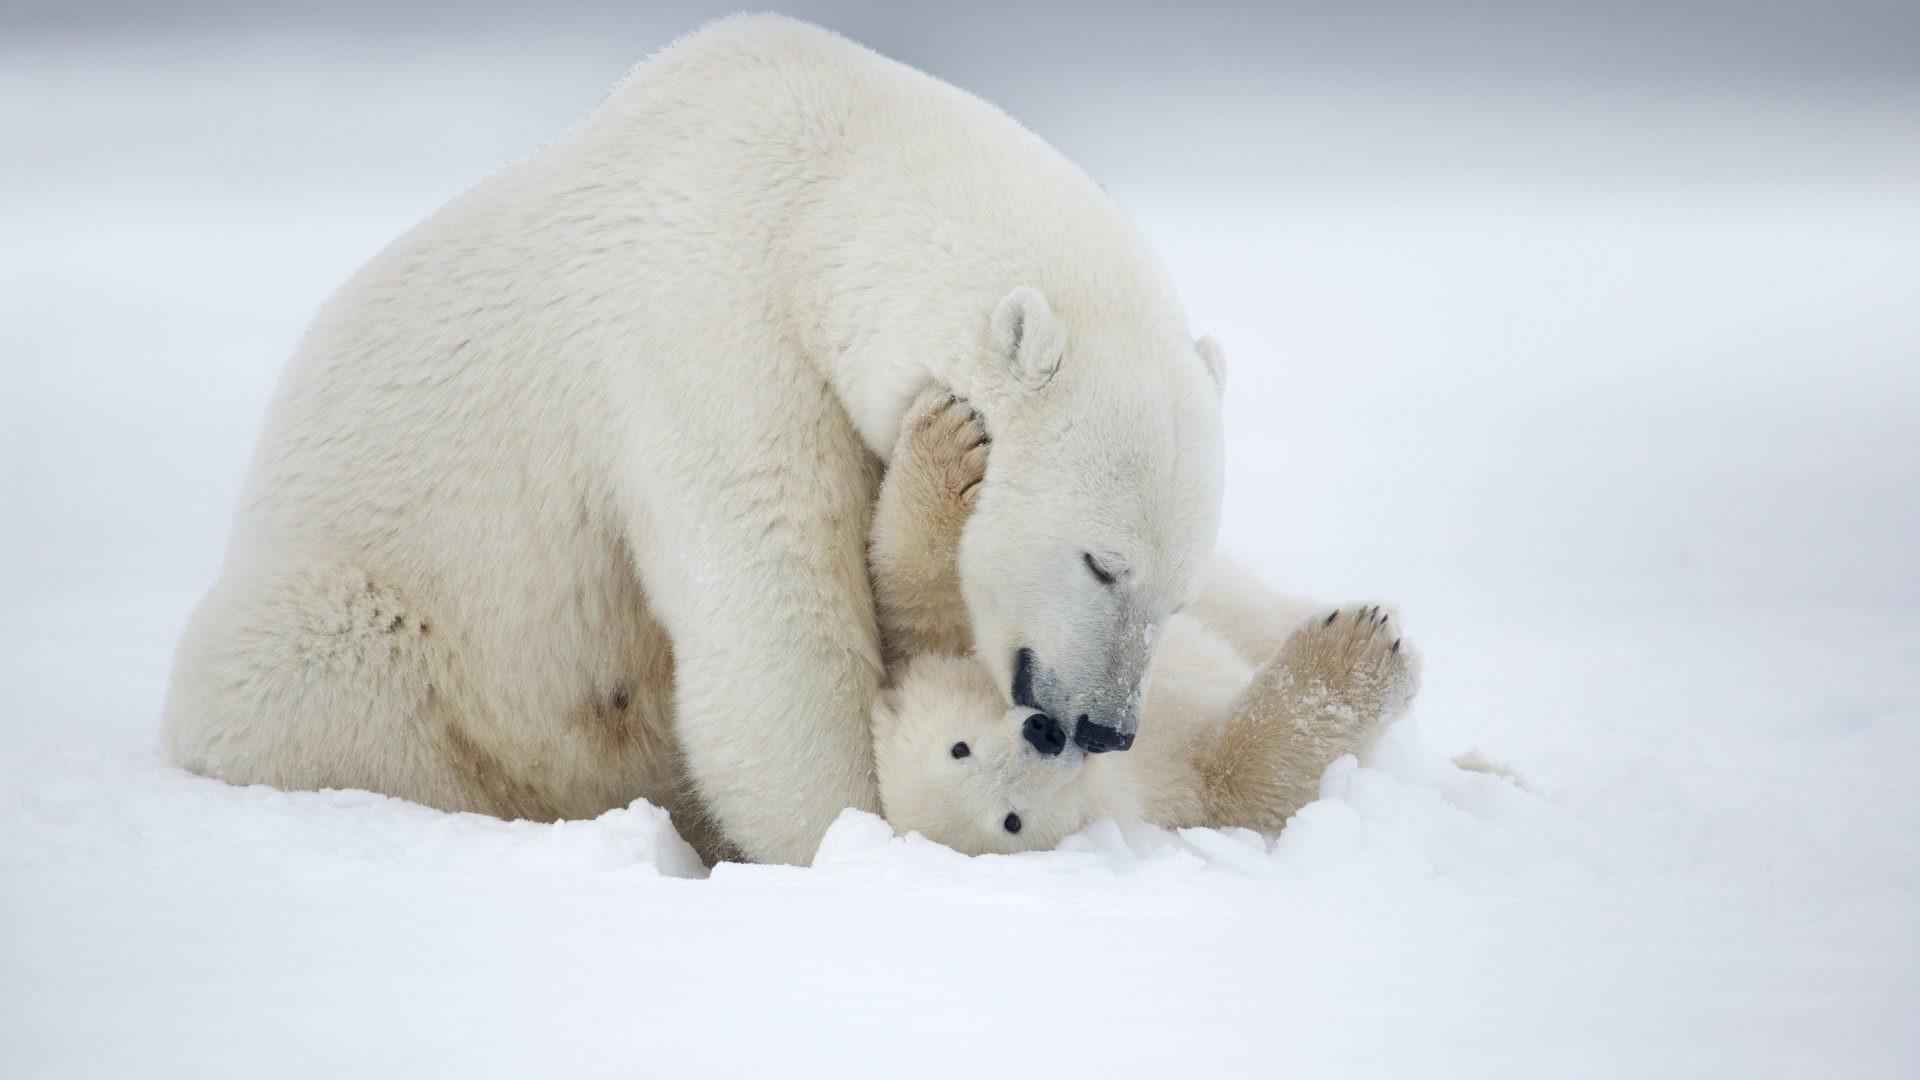 baby polar bear wallpaper 52 images. Black Bedroom Furniture Sets. Home Design Ideas